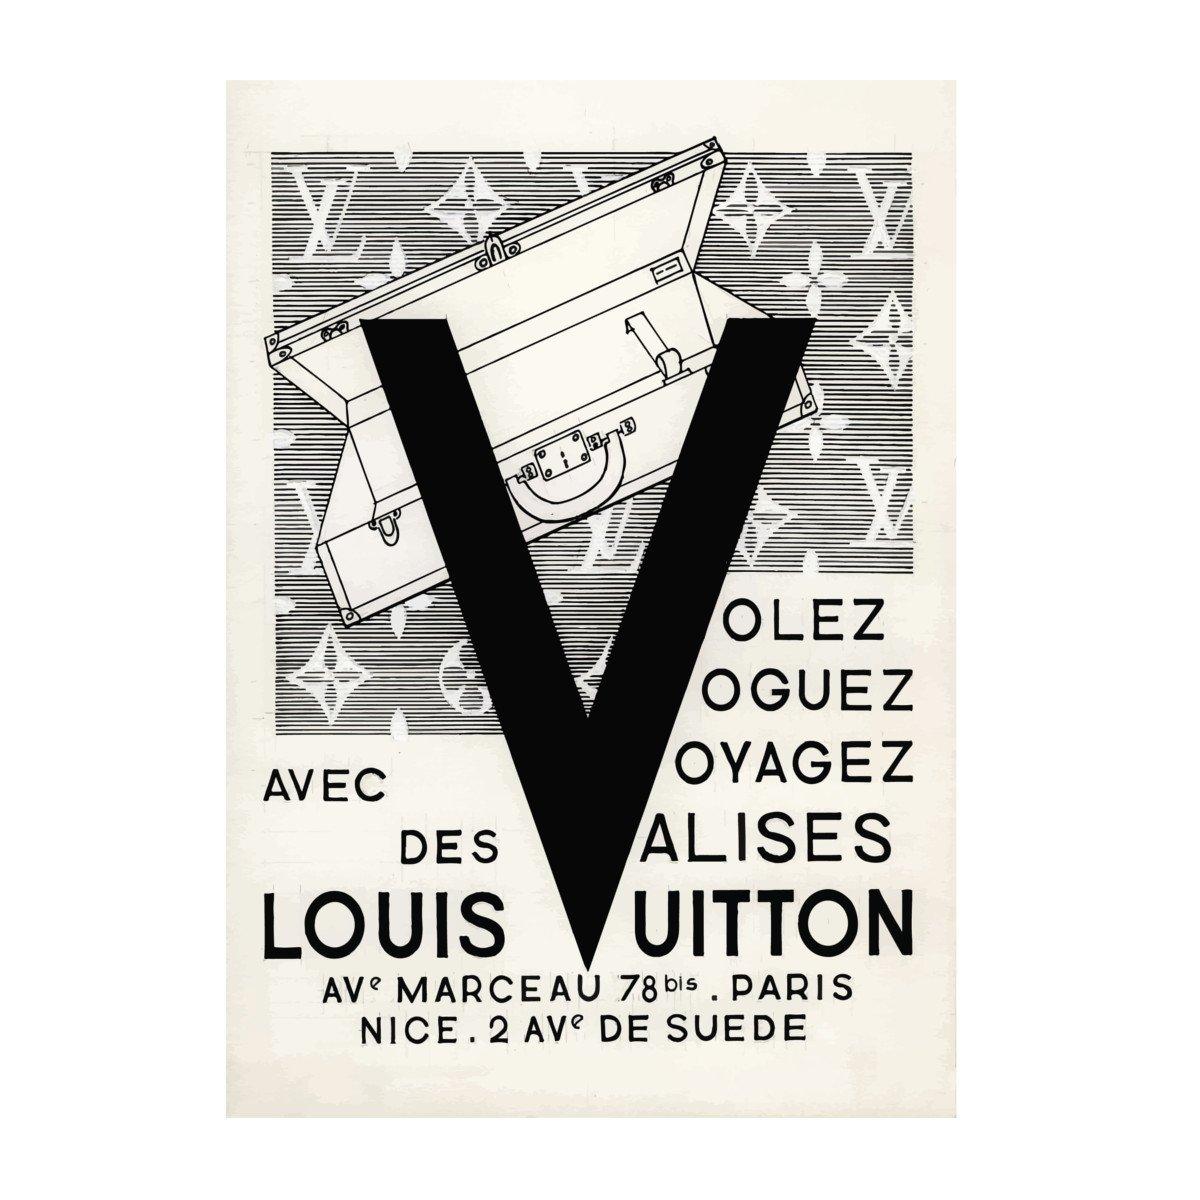 Aroma of Paris アートポスター おしゃれ インテリア 北欧 モノクロ アート #069 B3 ブラックフレーム B0798S3FFX B3 (364 x 515mm)|ブラックフレーム ブラックフレーム B3 (364 x 515mm)